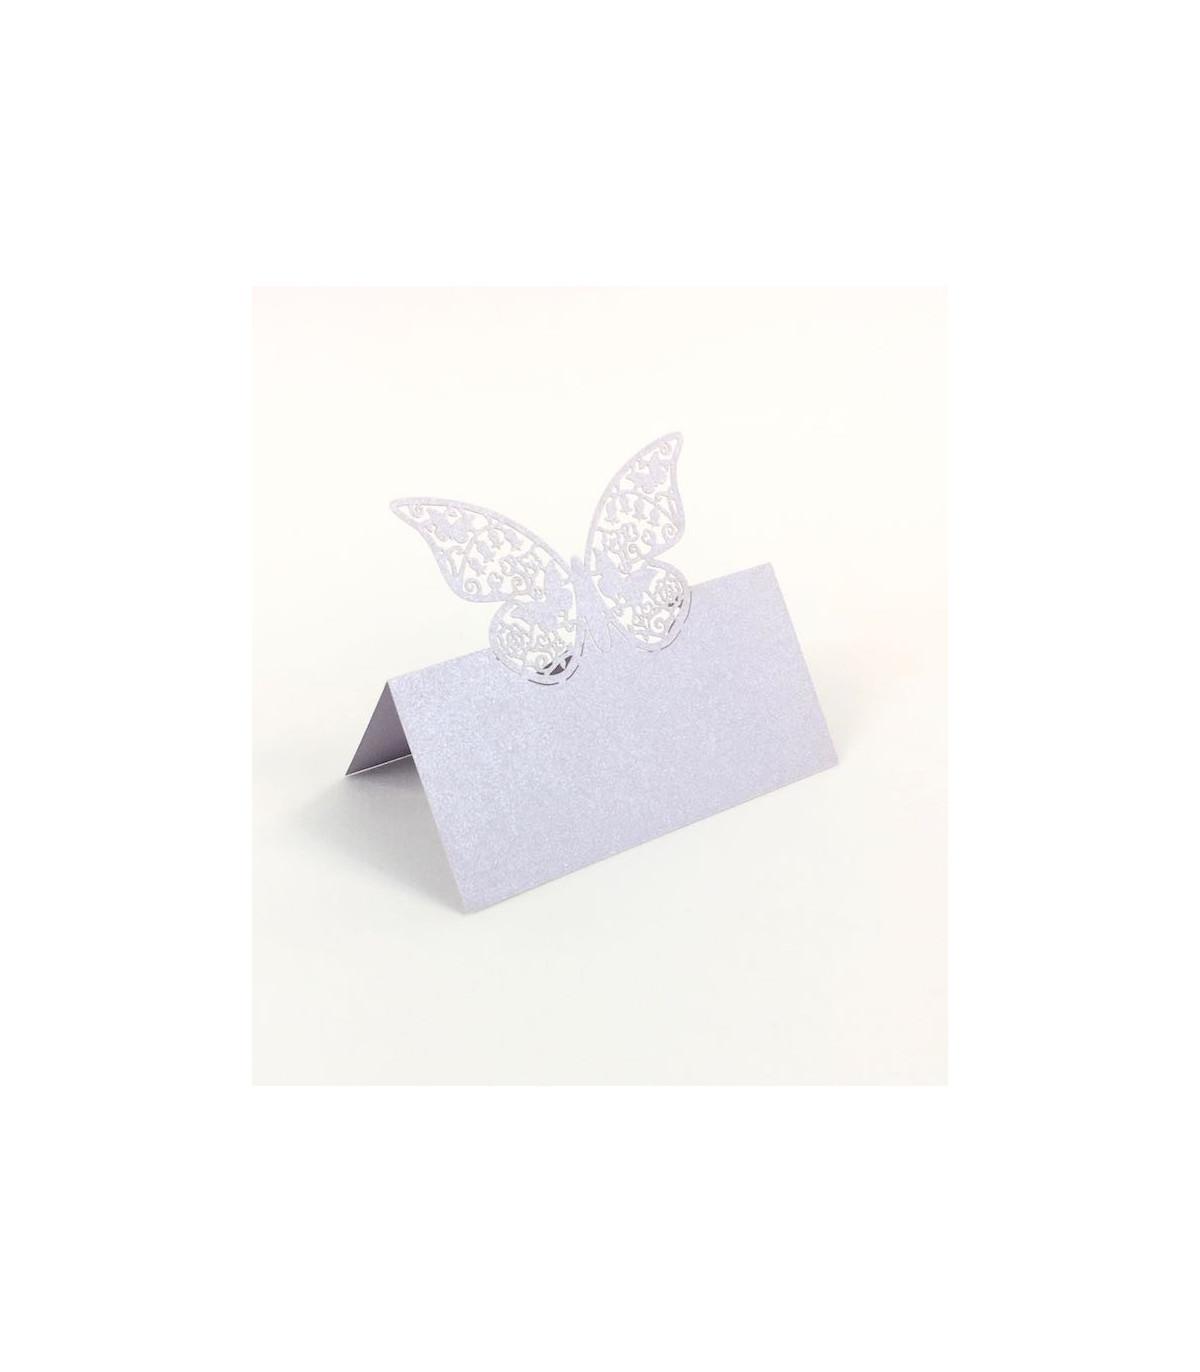 Cartons De Placement Cuisine Maison Blanc Theme Deco Marque Place Table De Fete Modele Grand Papillon Ivoire 20 Pcs